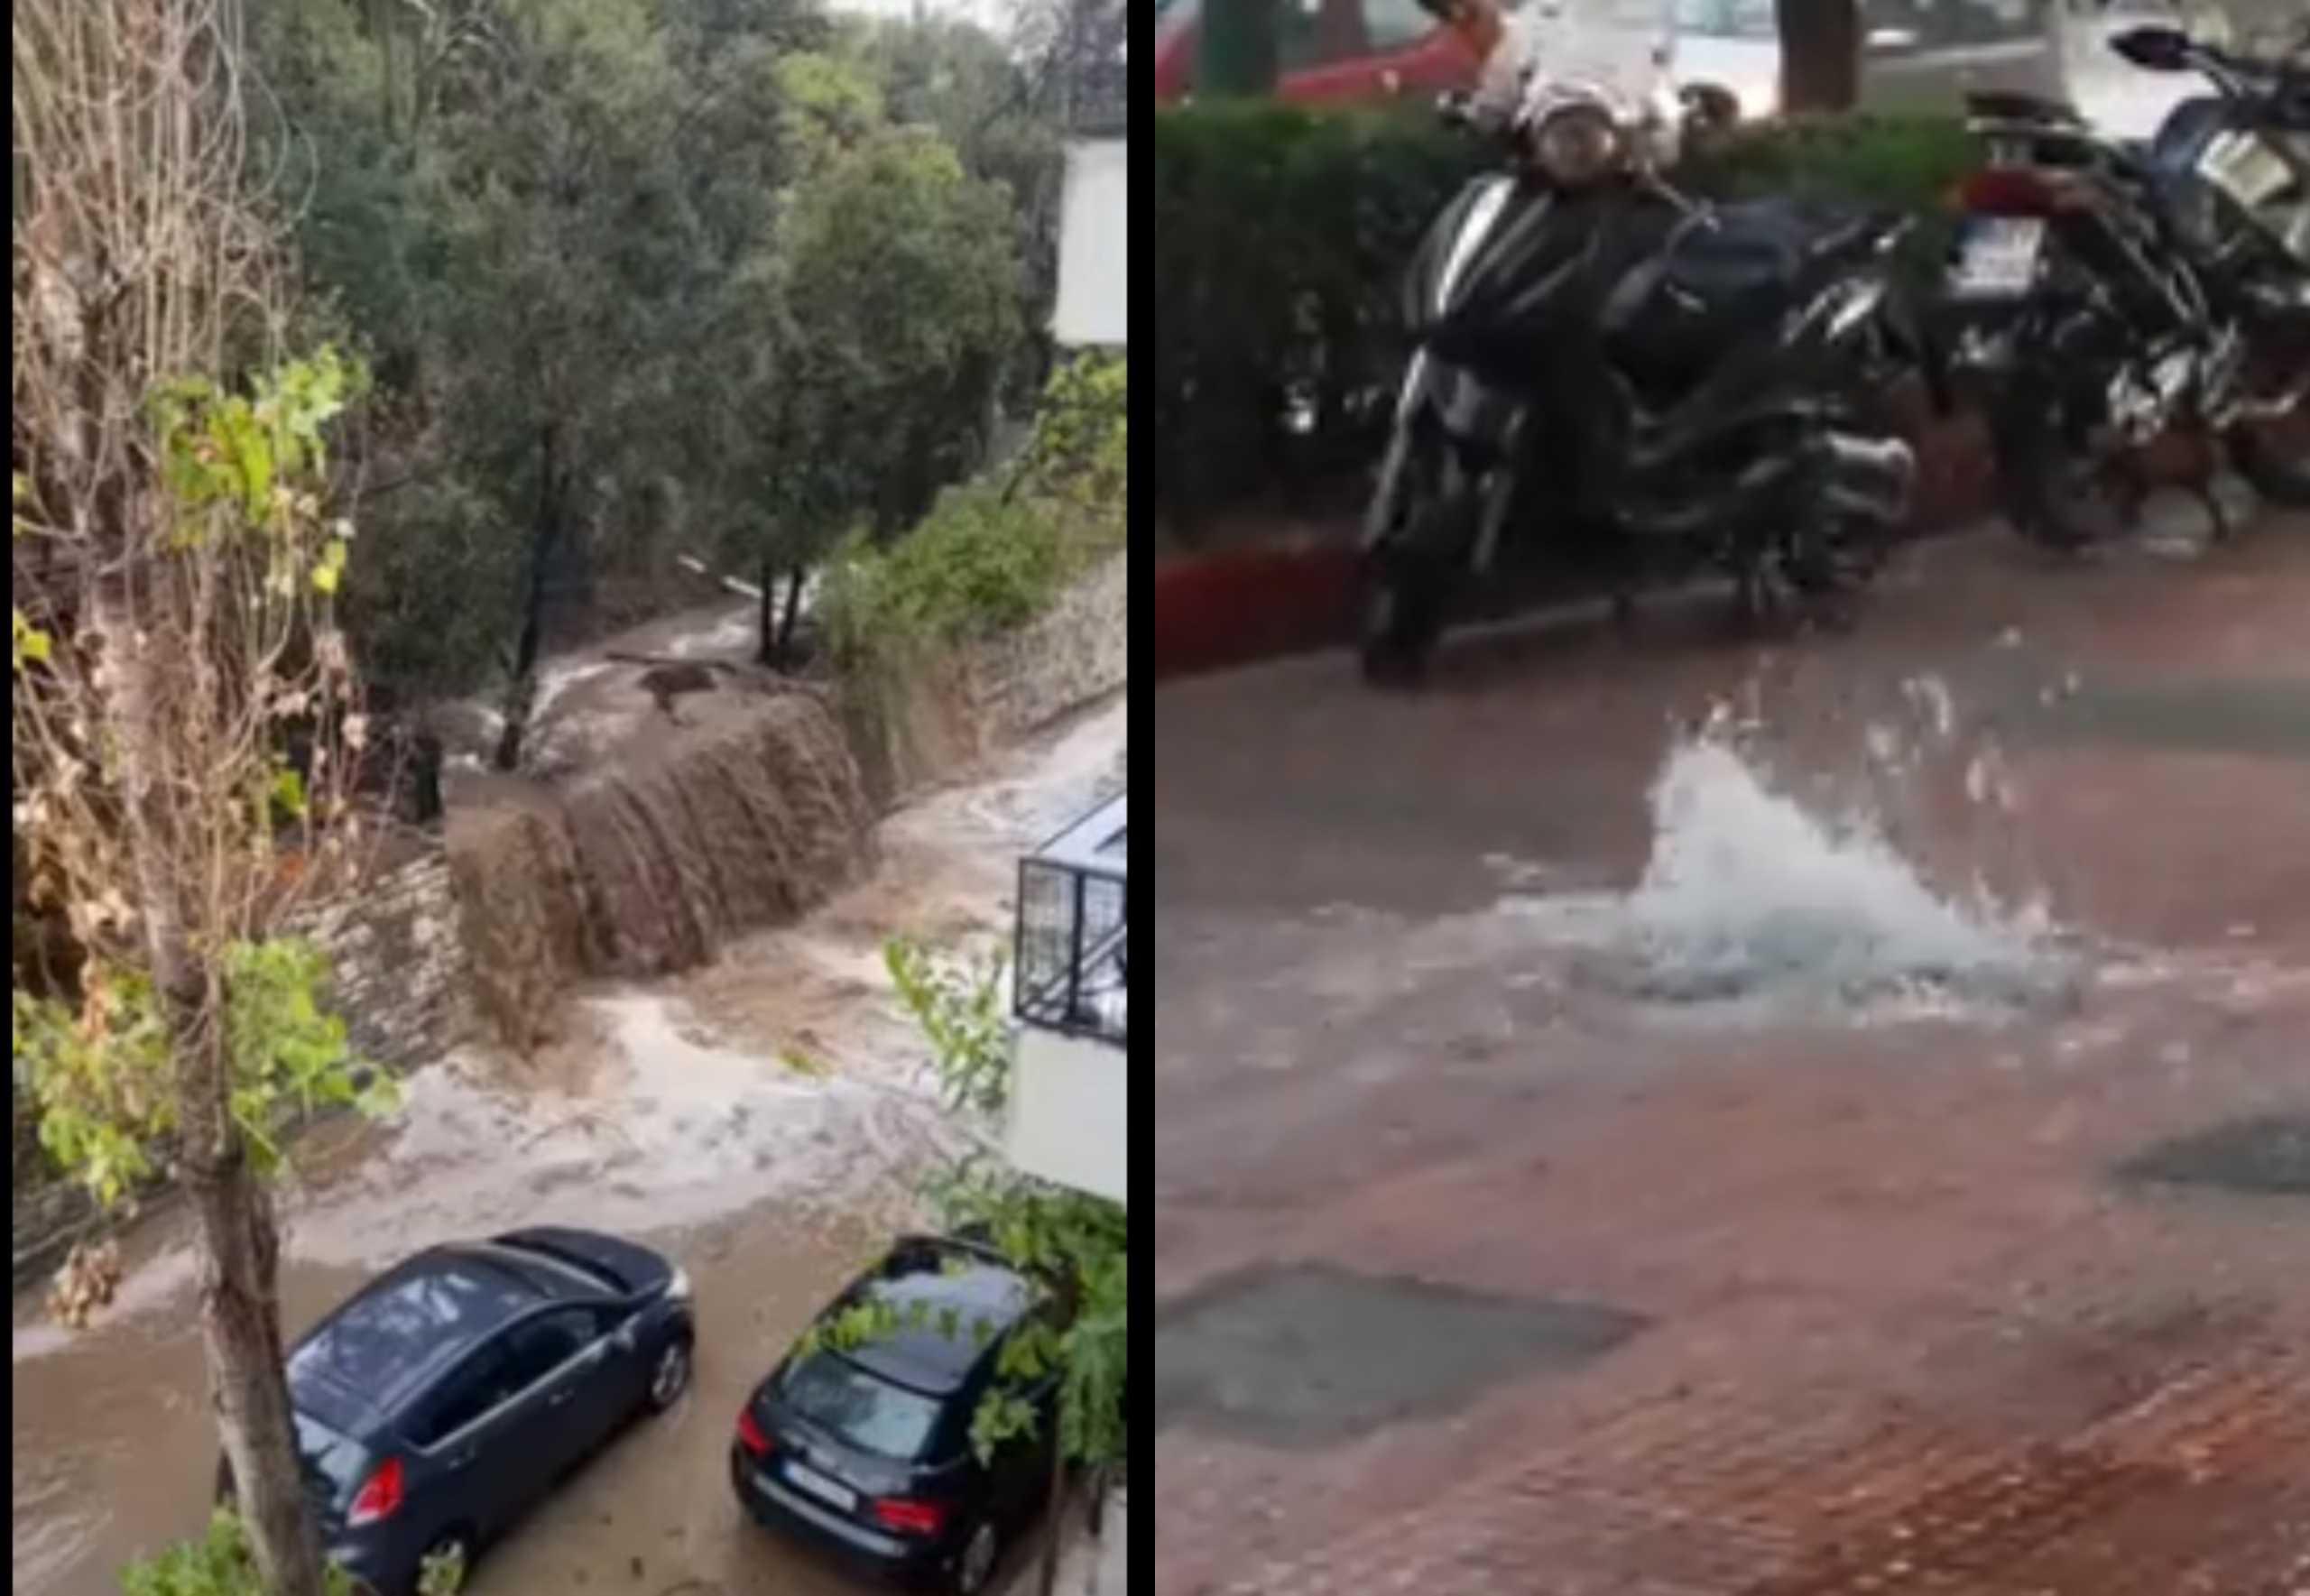 Κακοκαιρία «Μπάλλος»: «Καταρράκτης» στον Λυκαβηττό - «Ποτάμι» στο πεζοδρόμιο στην Πανεπιστημίου